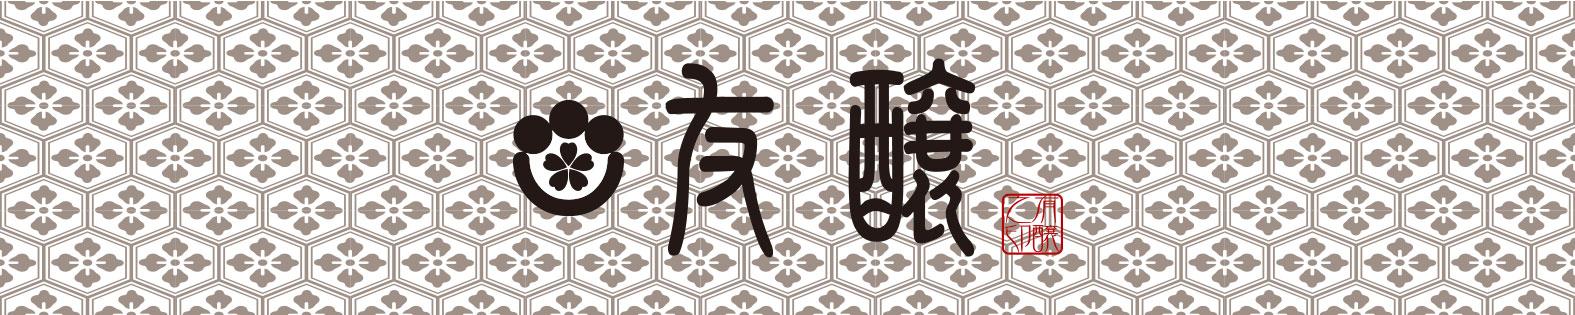 【日本酒】ゆうほのしろ 搾りたて おりがらみ純米 無濾過生原酒 限定 新酒26BY_e0173738_1017282.jpg